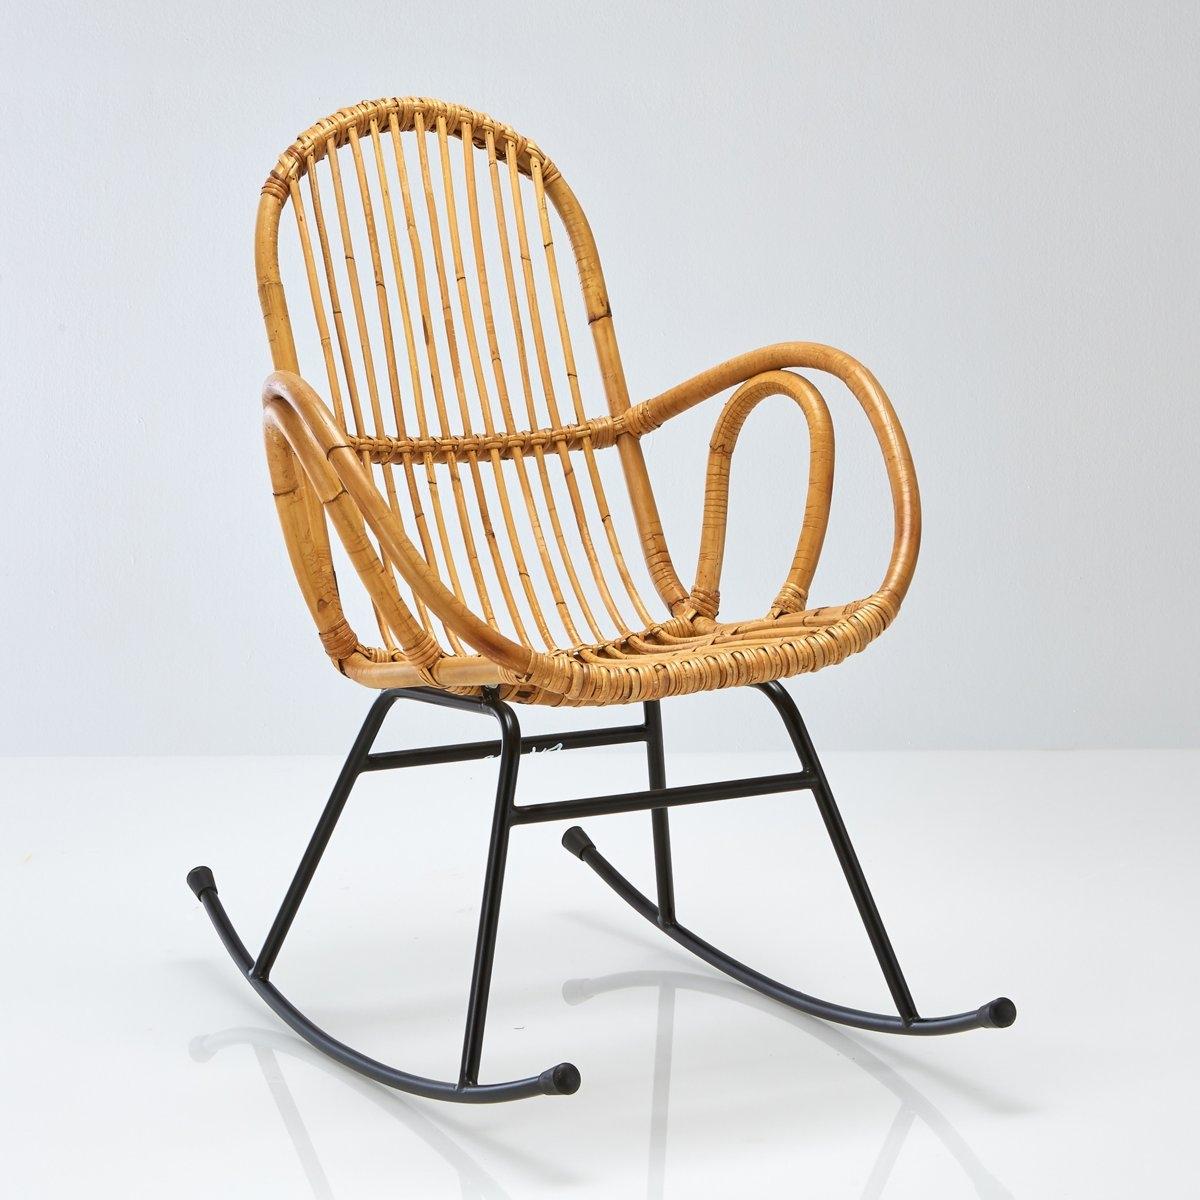 Кресло-качалка из ротанга в винтажном стиле, Siona кресло низкое и широкое в винтажном стиле из велюра с бахромой ramona